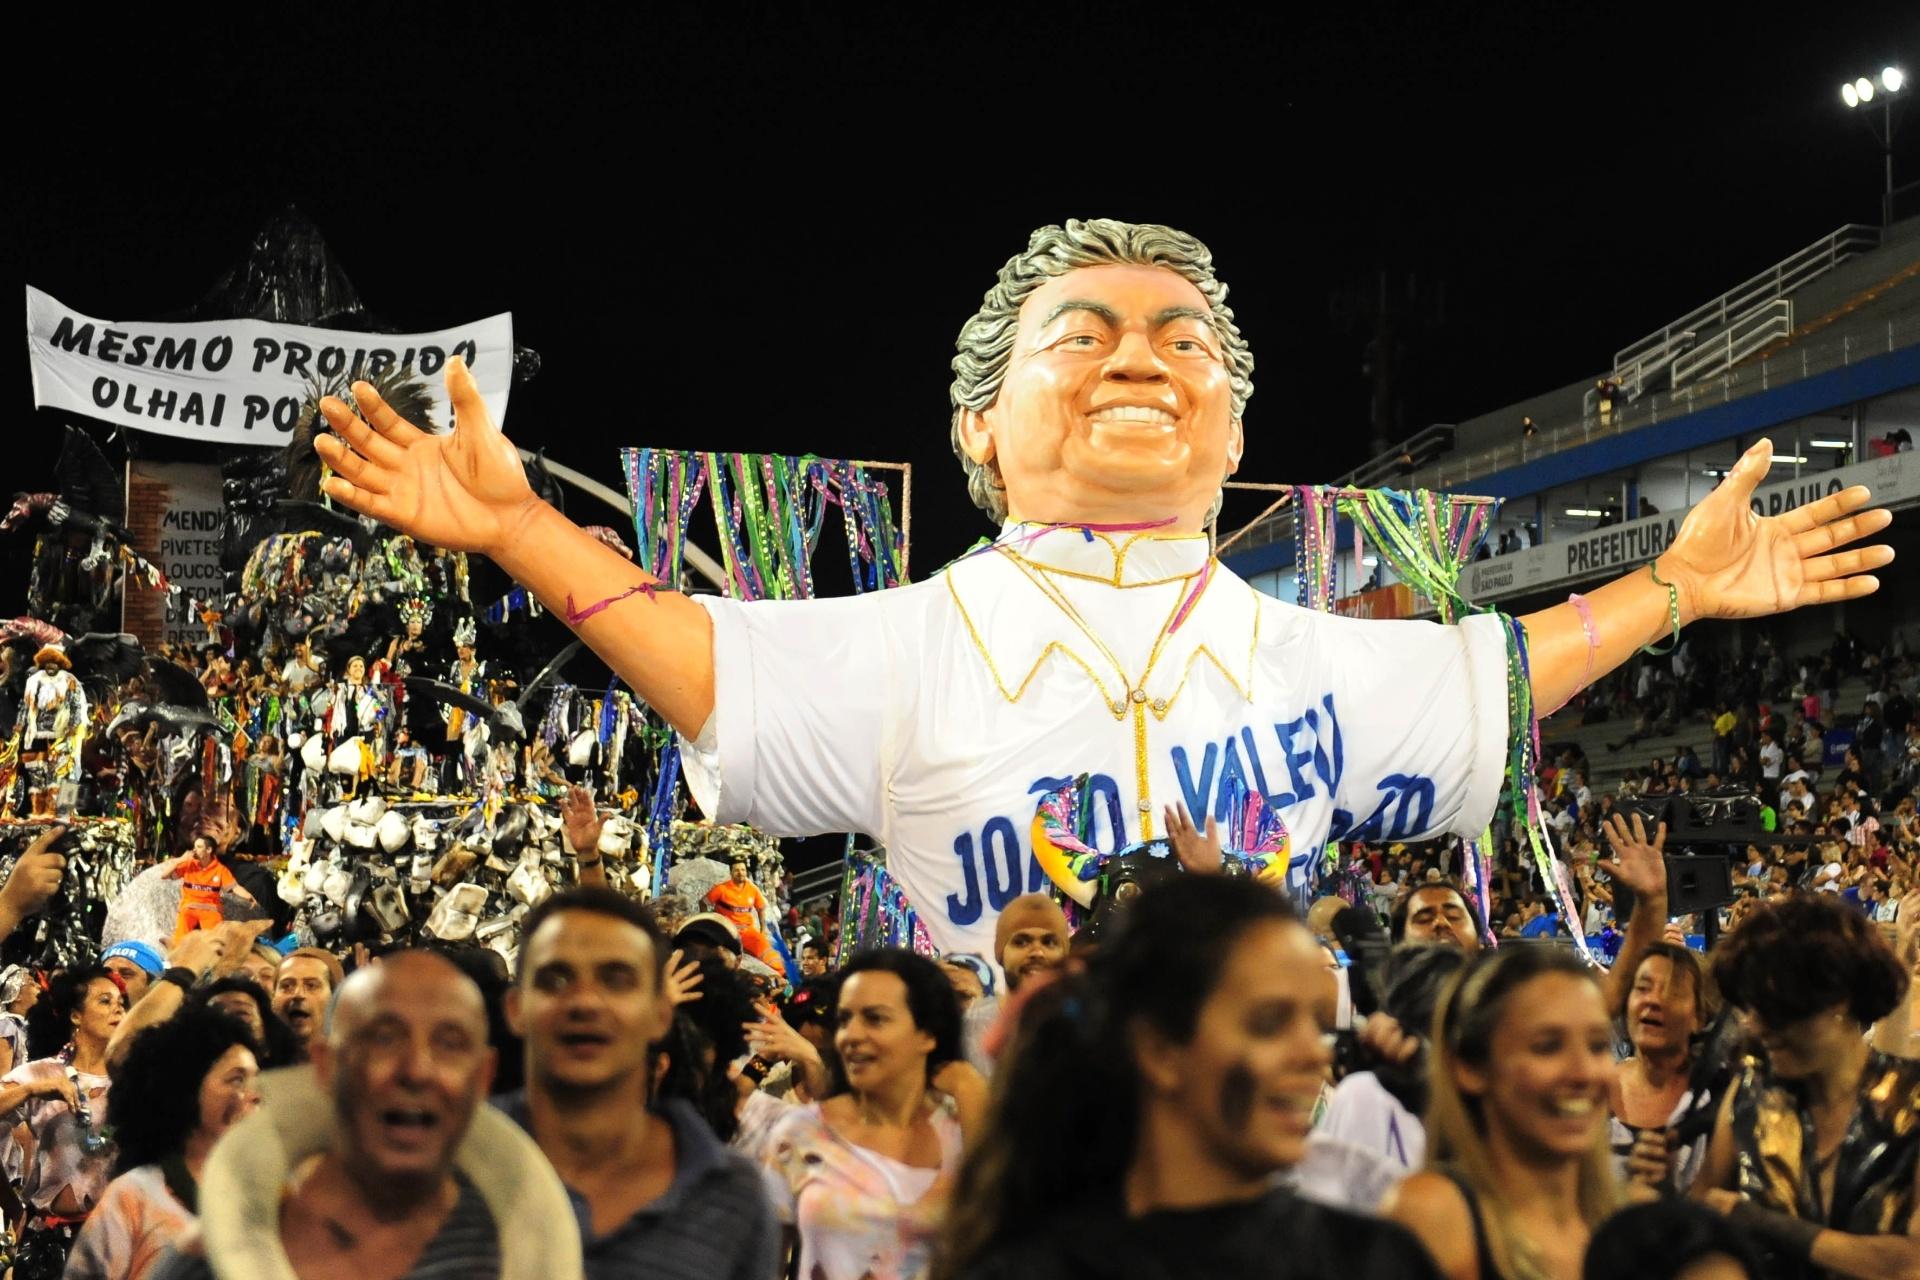 """13.fev.2016 - Acadêmicos do Tatuapé homenageia o carnavalesco Joãosinho Trinta, morto em 2011, e relembra o desfile histórico da Beija-Flor, em 1989, com Cristo Mendigo censurado com a faixa """"Mesmo proibido, olhai por nós"""""""